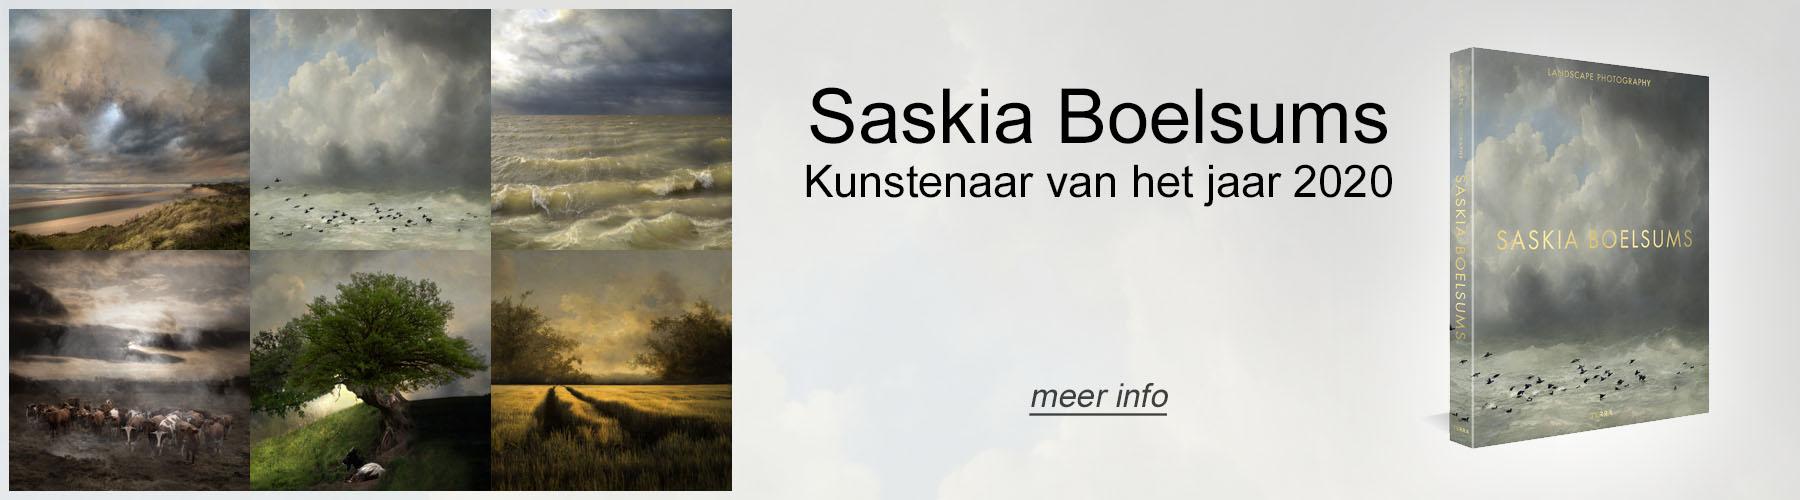 Saskia_Boelsums